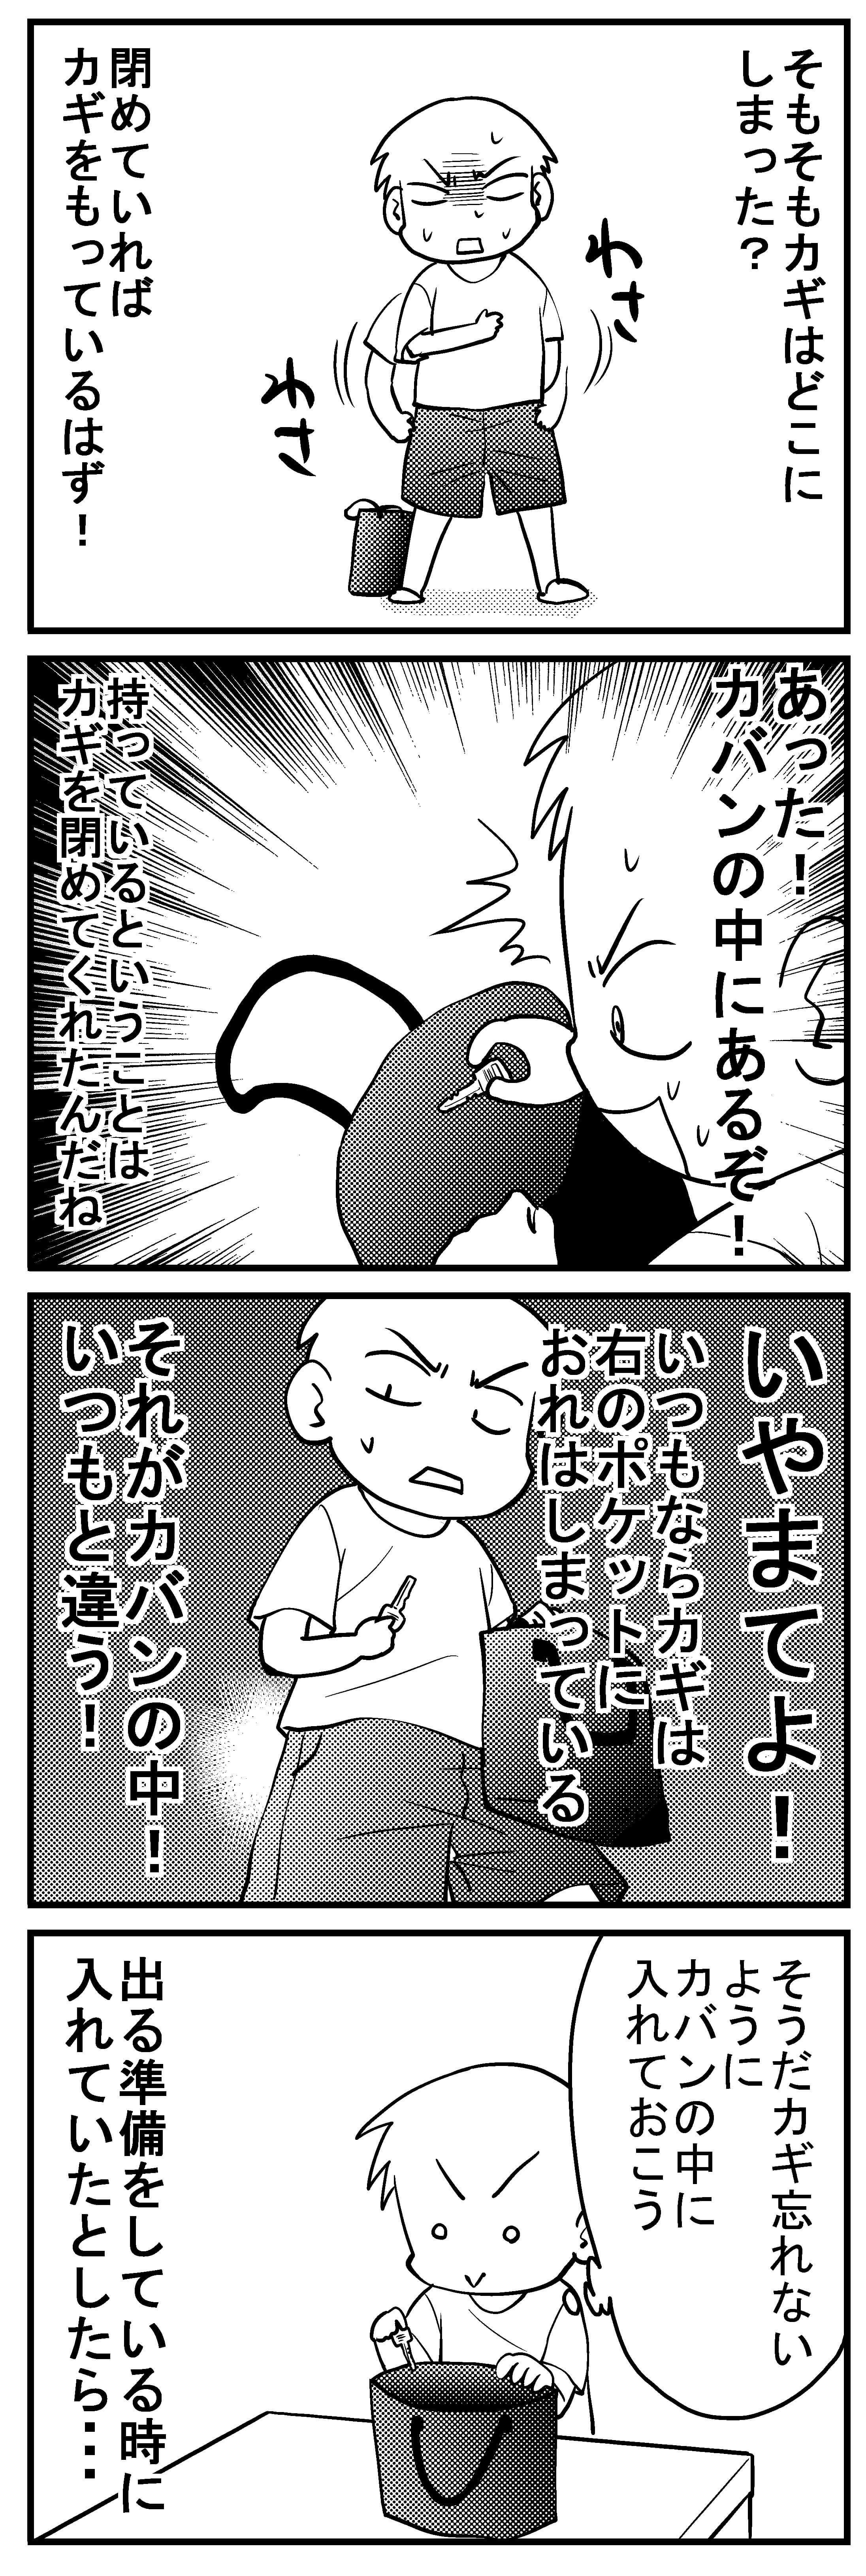 深読みくん19 2